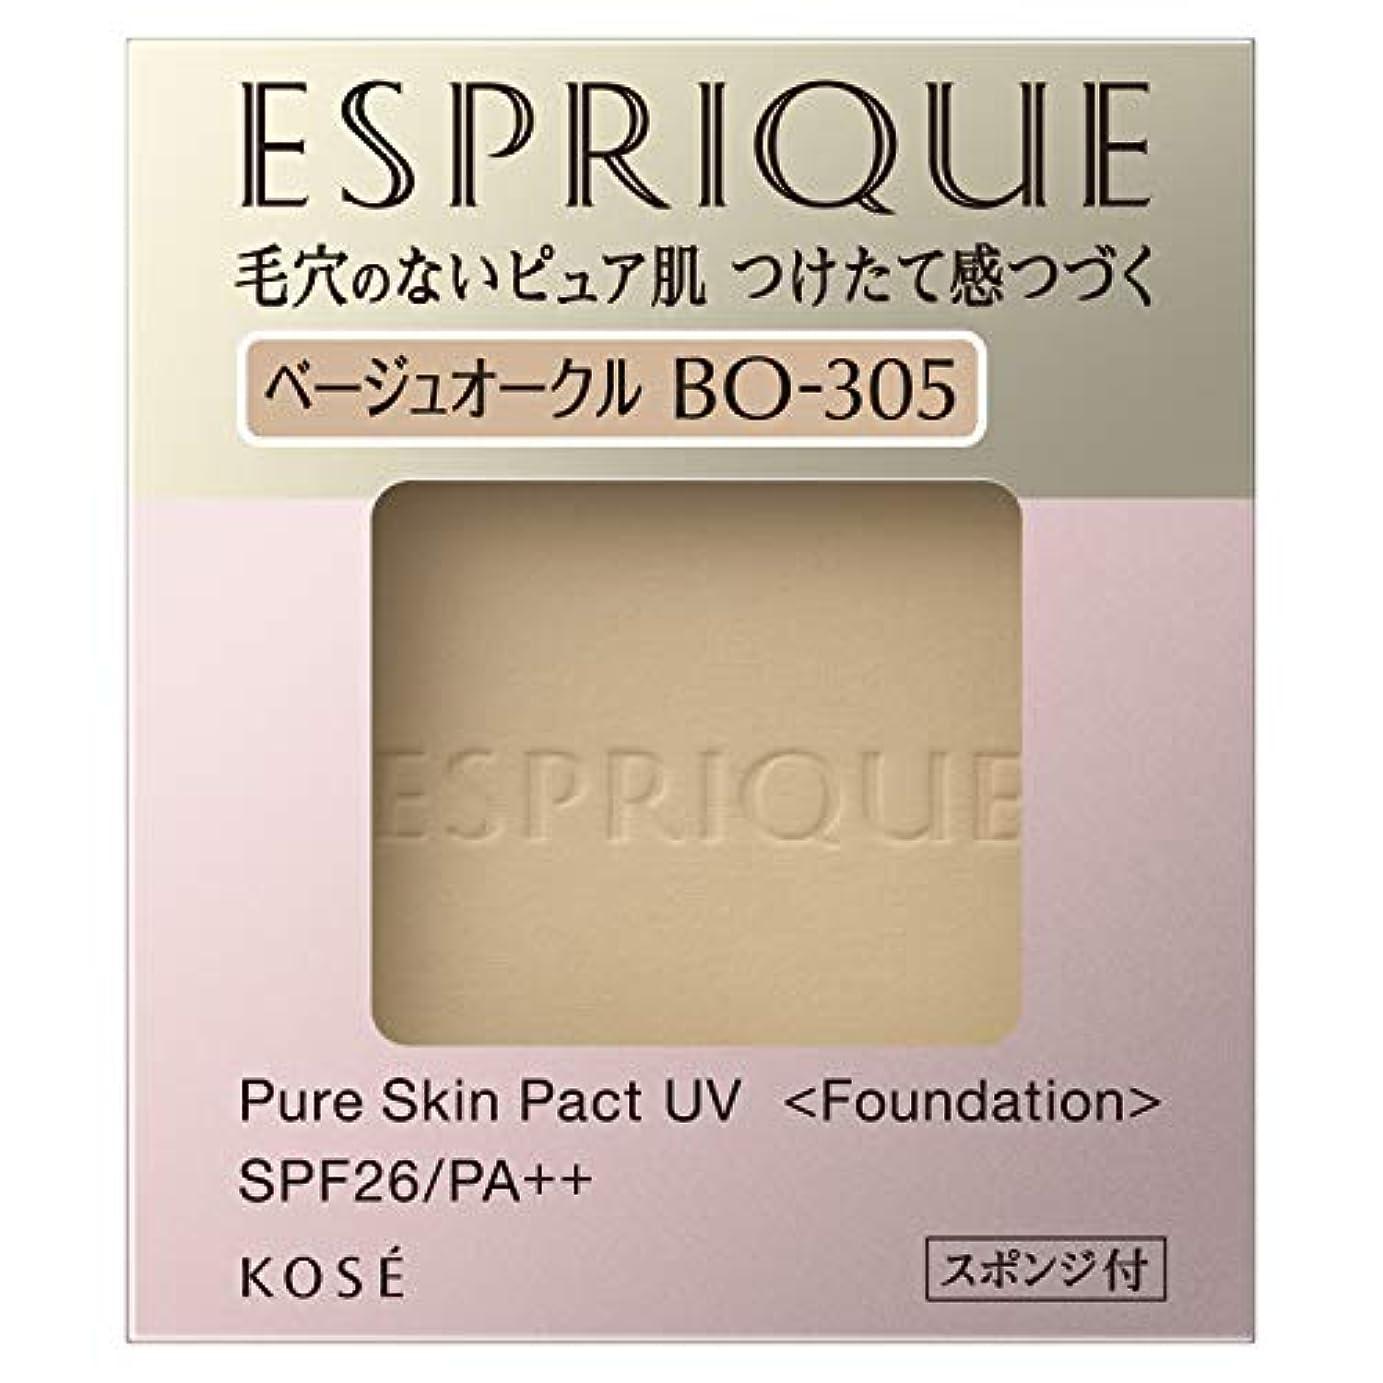 不正確アグネスグレイカバレッジエスプリーク ピュアスキン パクト UV BO-305 ベージュオークル 9.3g